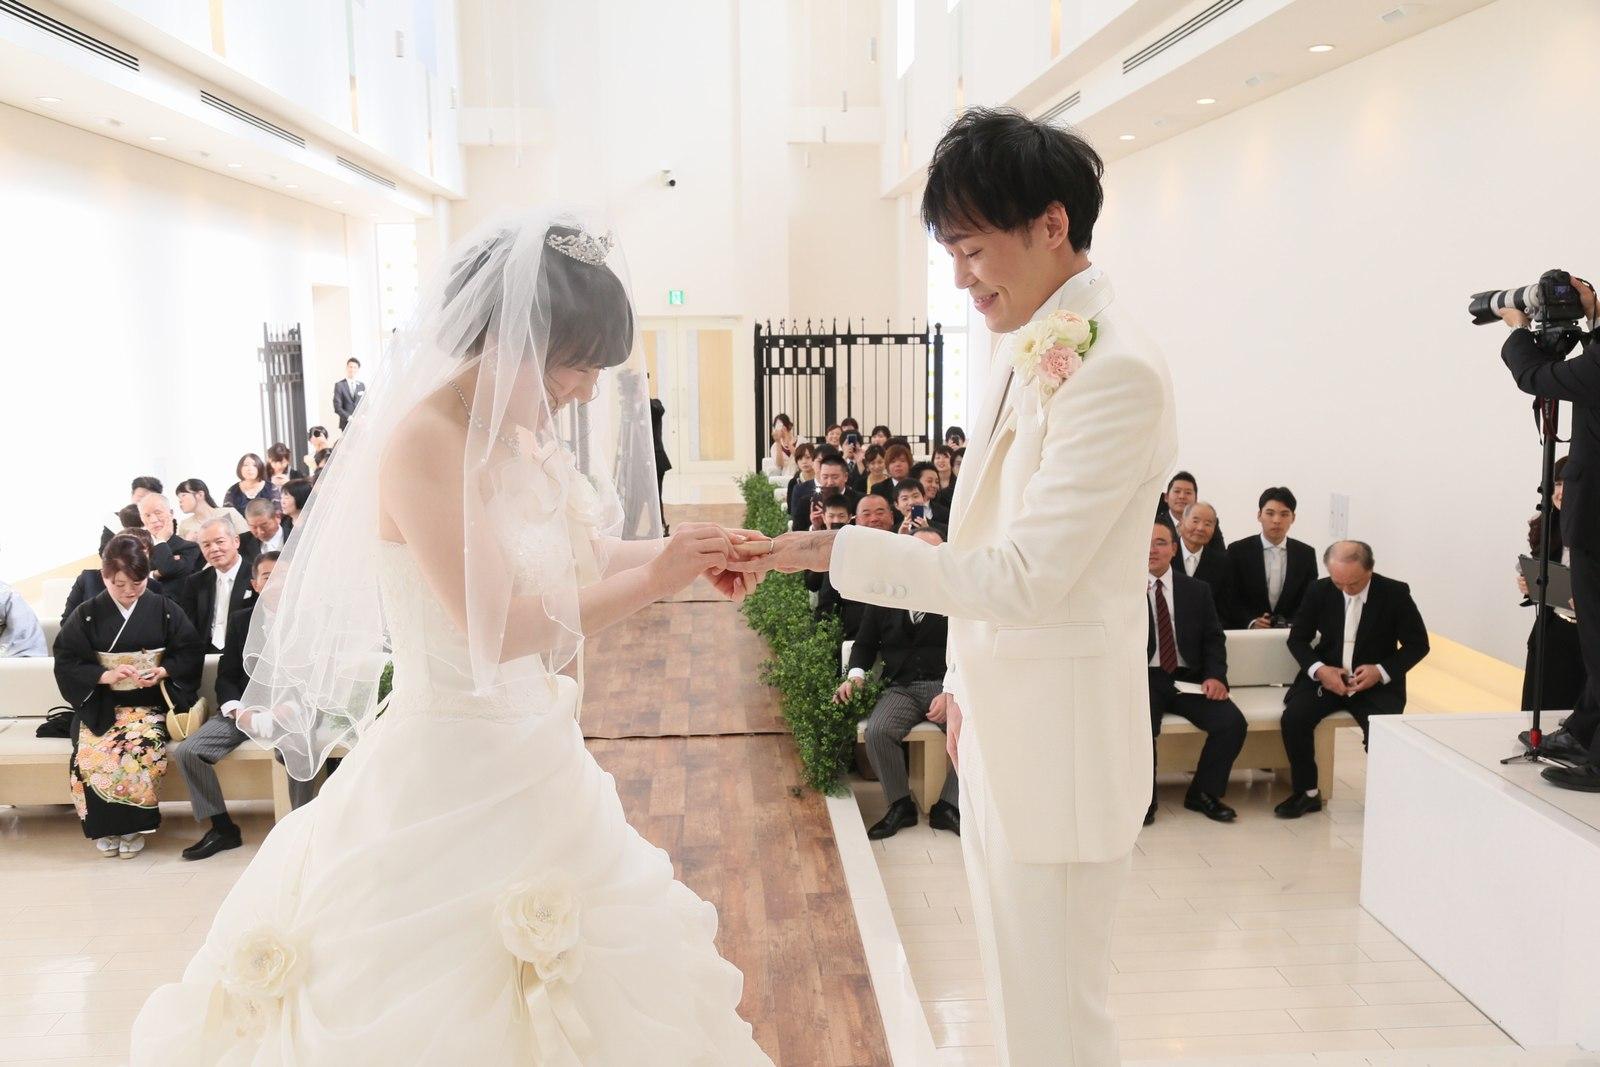 徳島市の結婚式場ブランアンジュで新郎新婦様の感動的な誓いと指輪交換